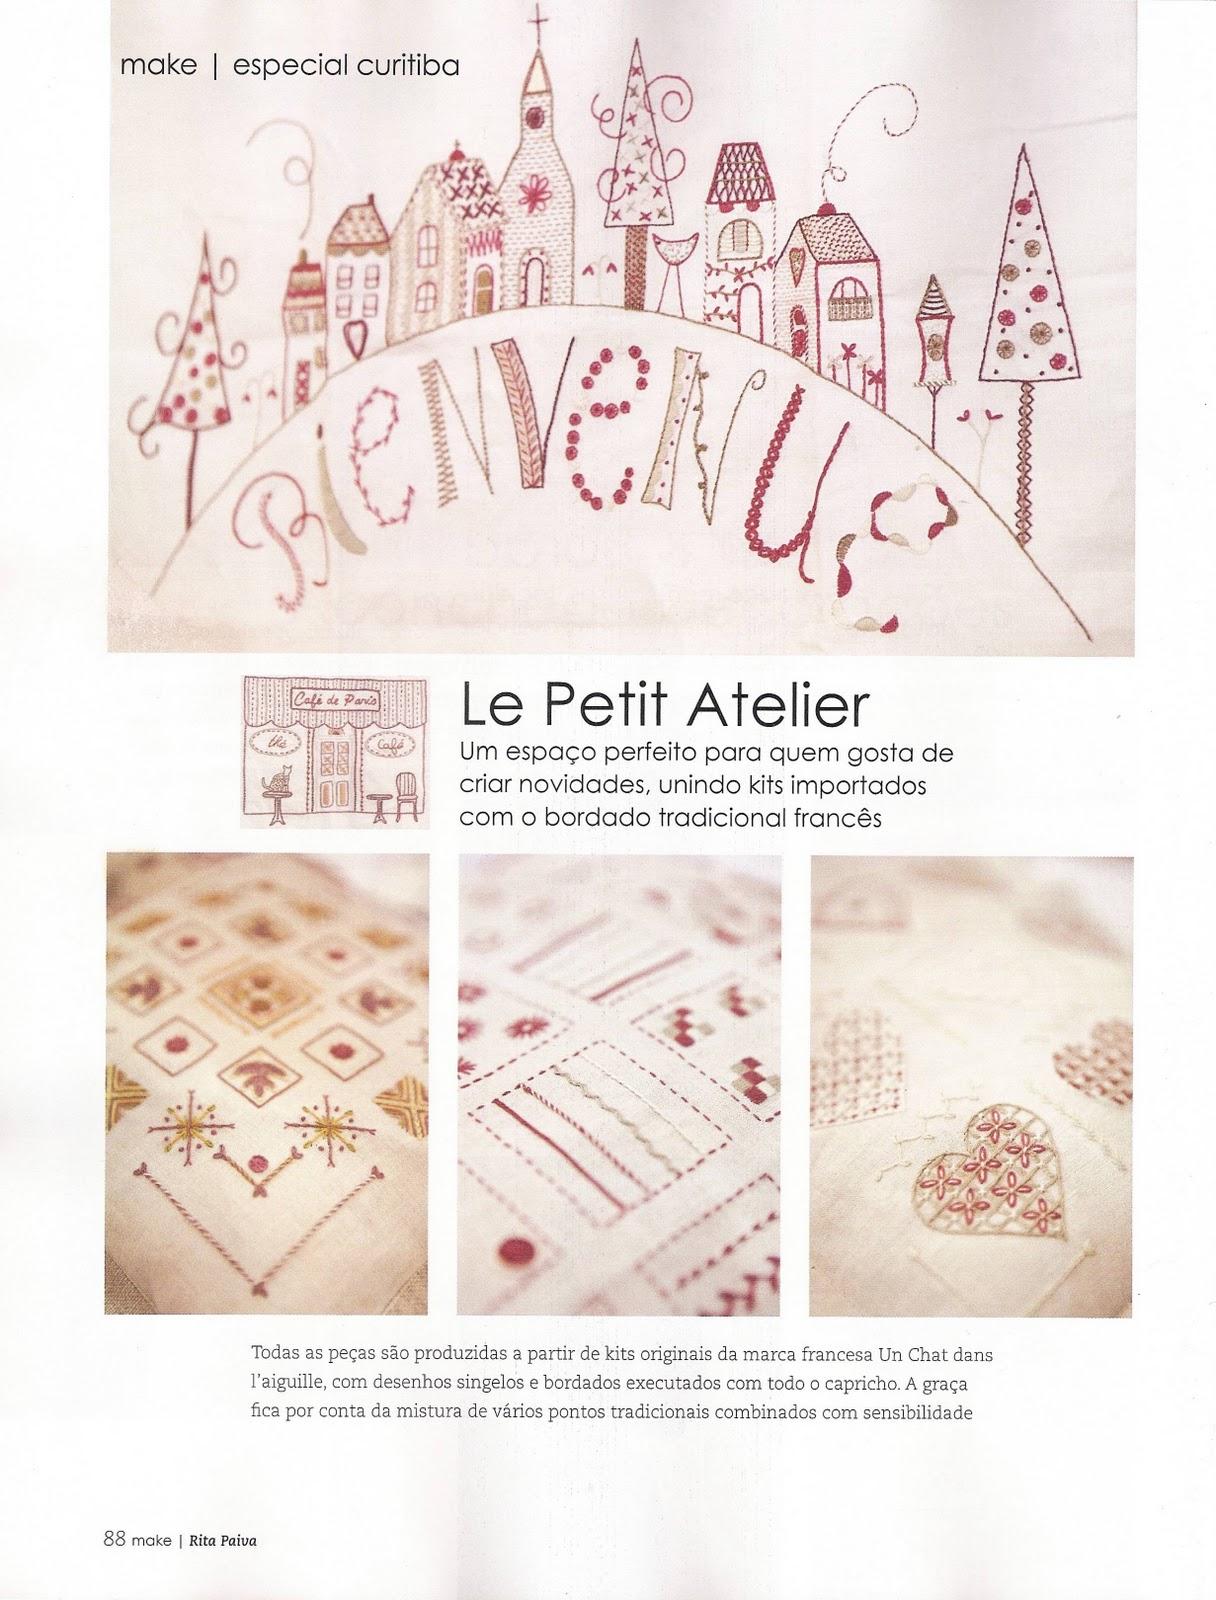 Le petit atelier florian polis revista make for Le petit atelier